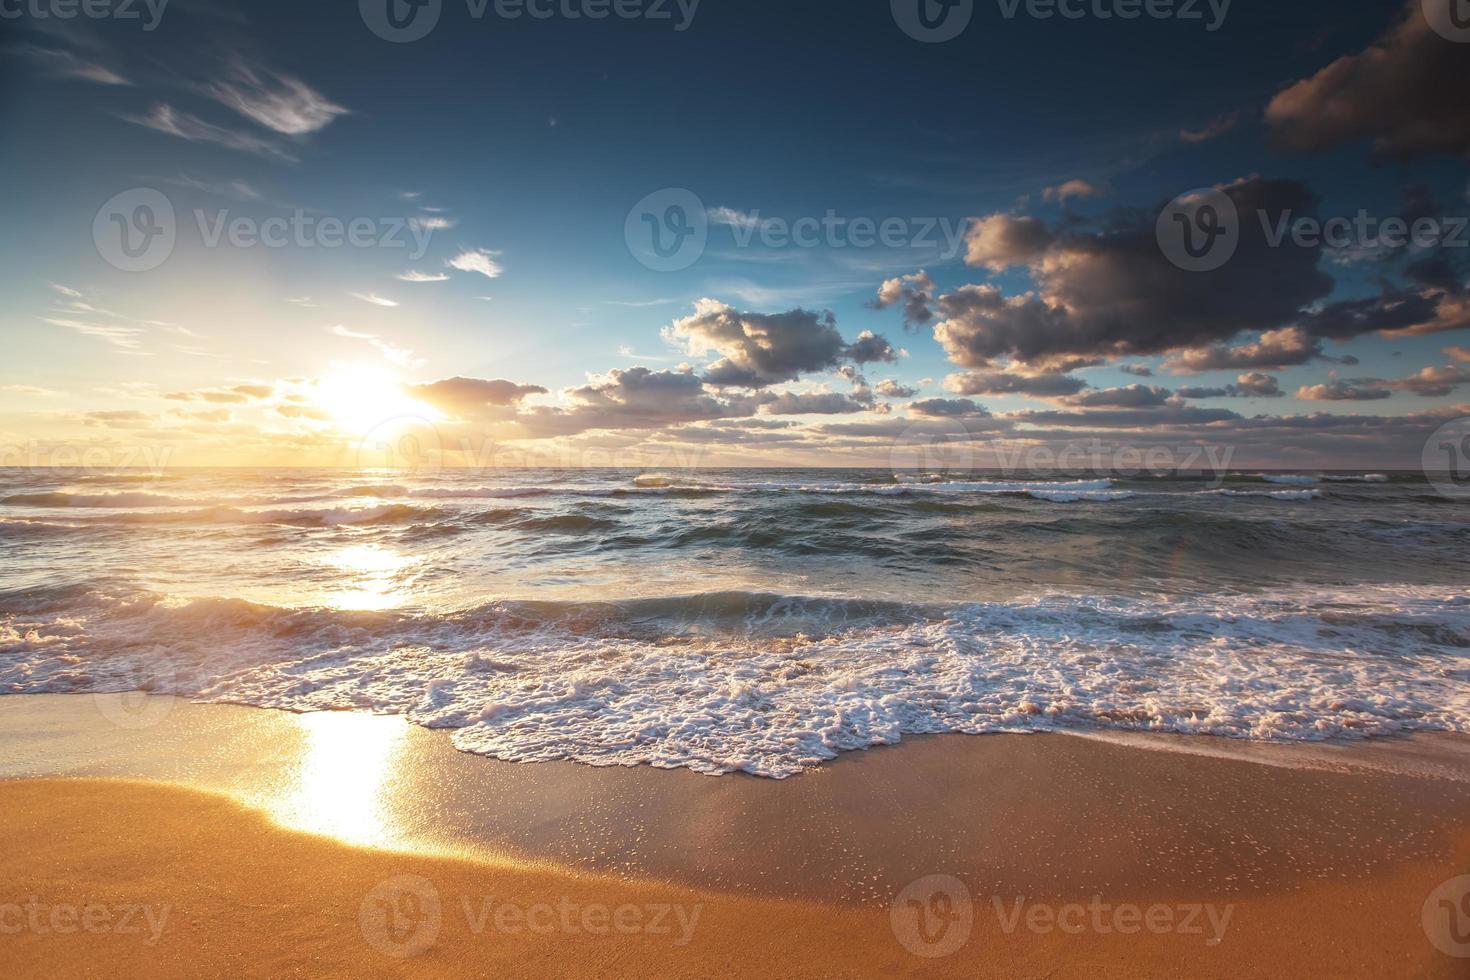 schöne Wolkenlandschaft über dem Meer, Sonnenuntergangsaufnahme foto